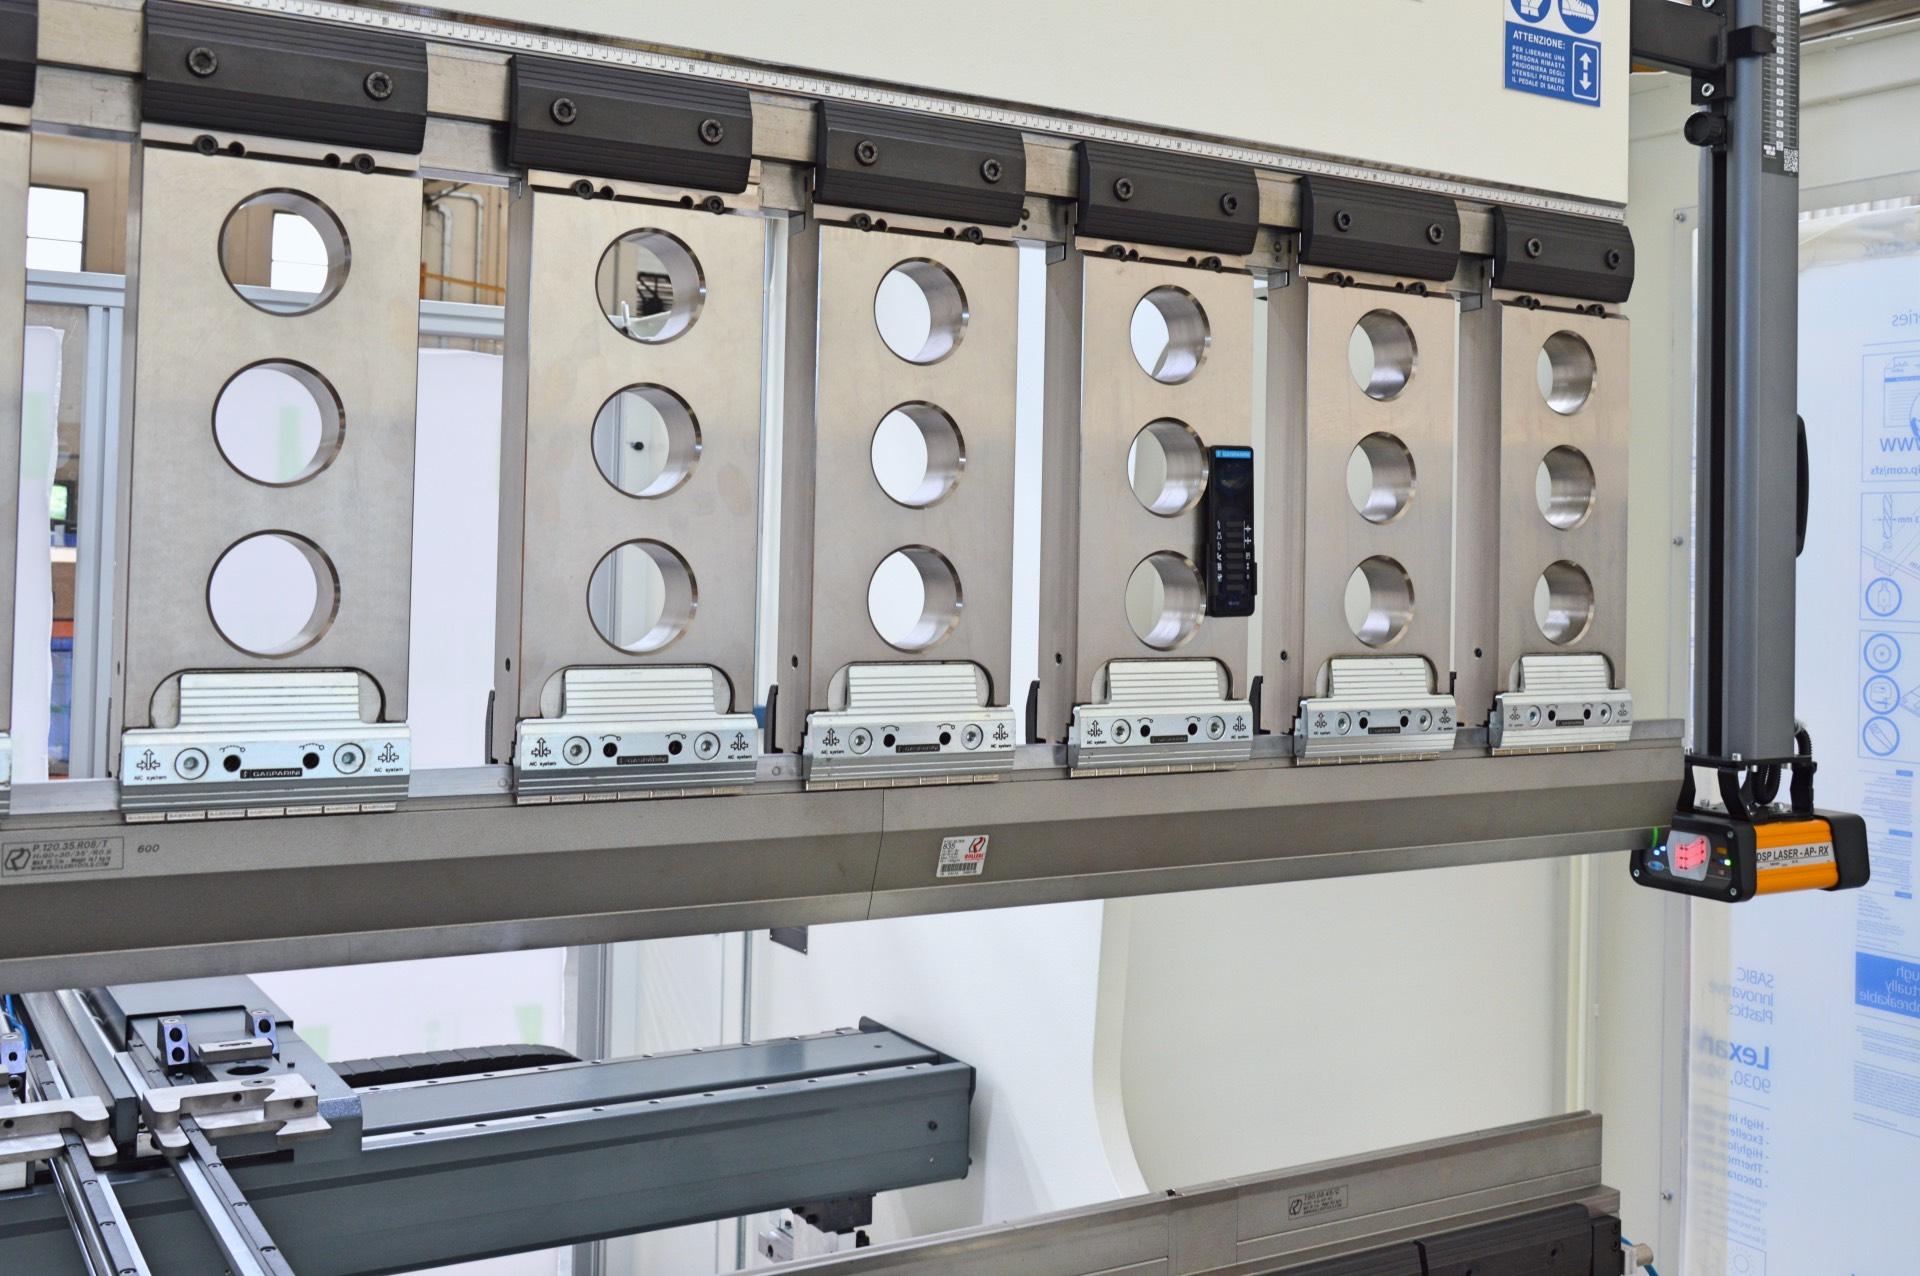 adaptadores promecam grandes dimensiones cajas